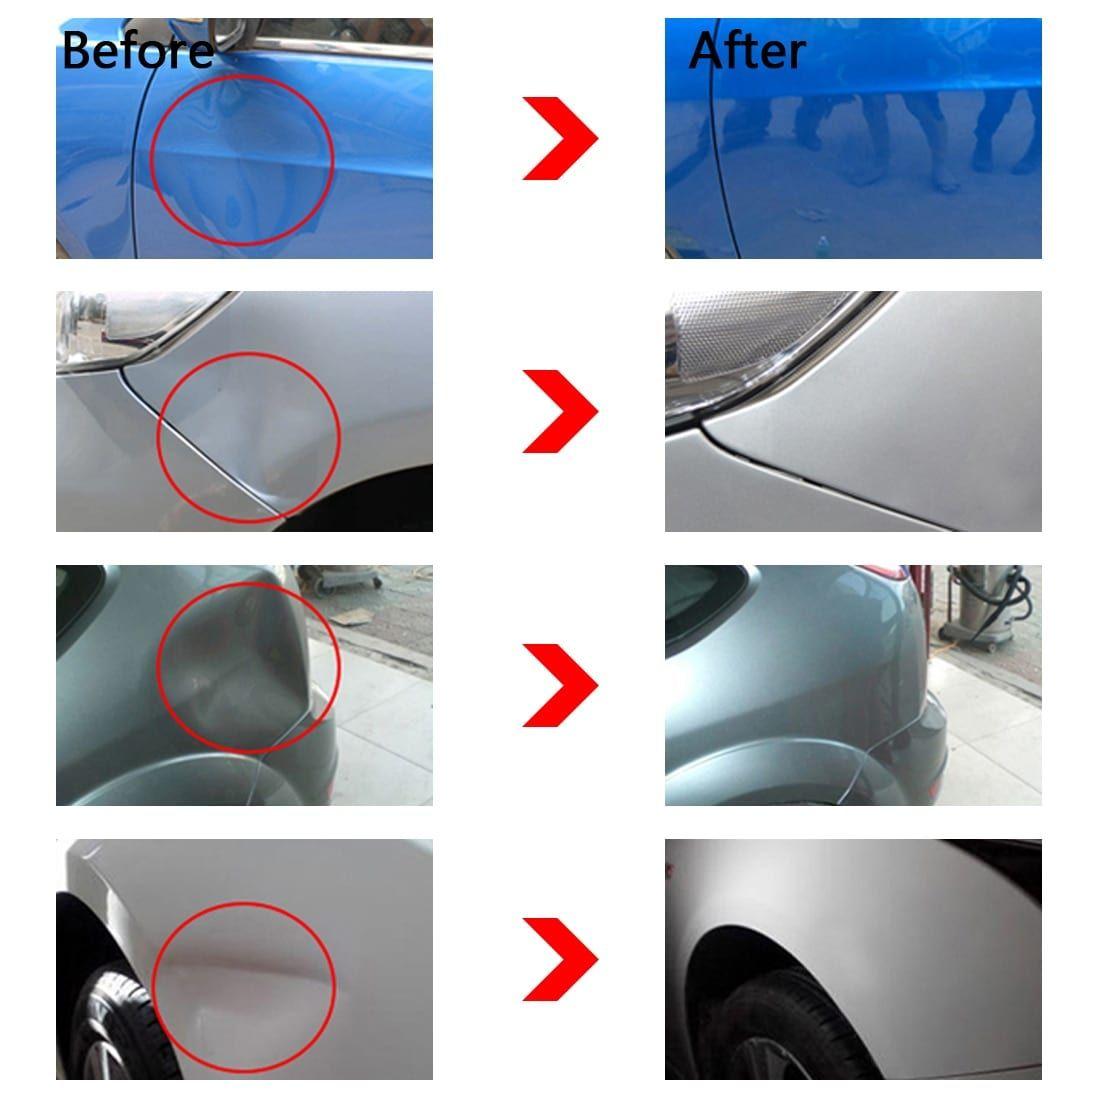 Handy Fixed Dent Tool PDR Kit Repair ToolCars Car